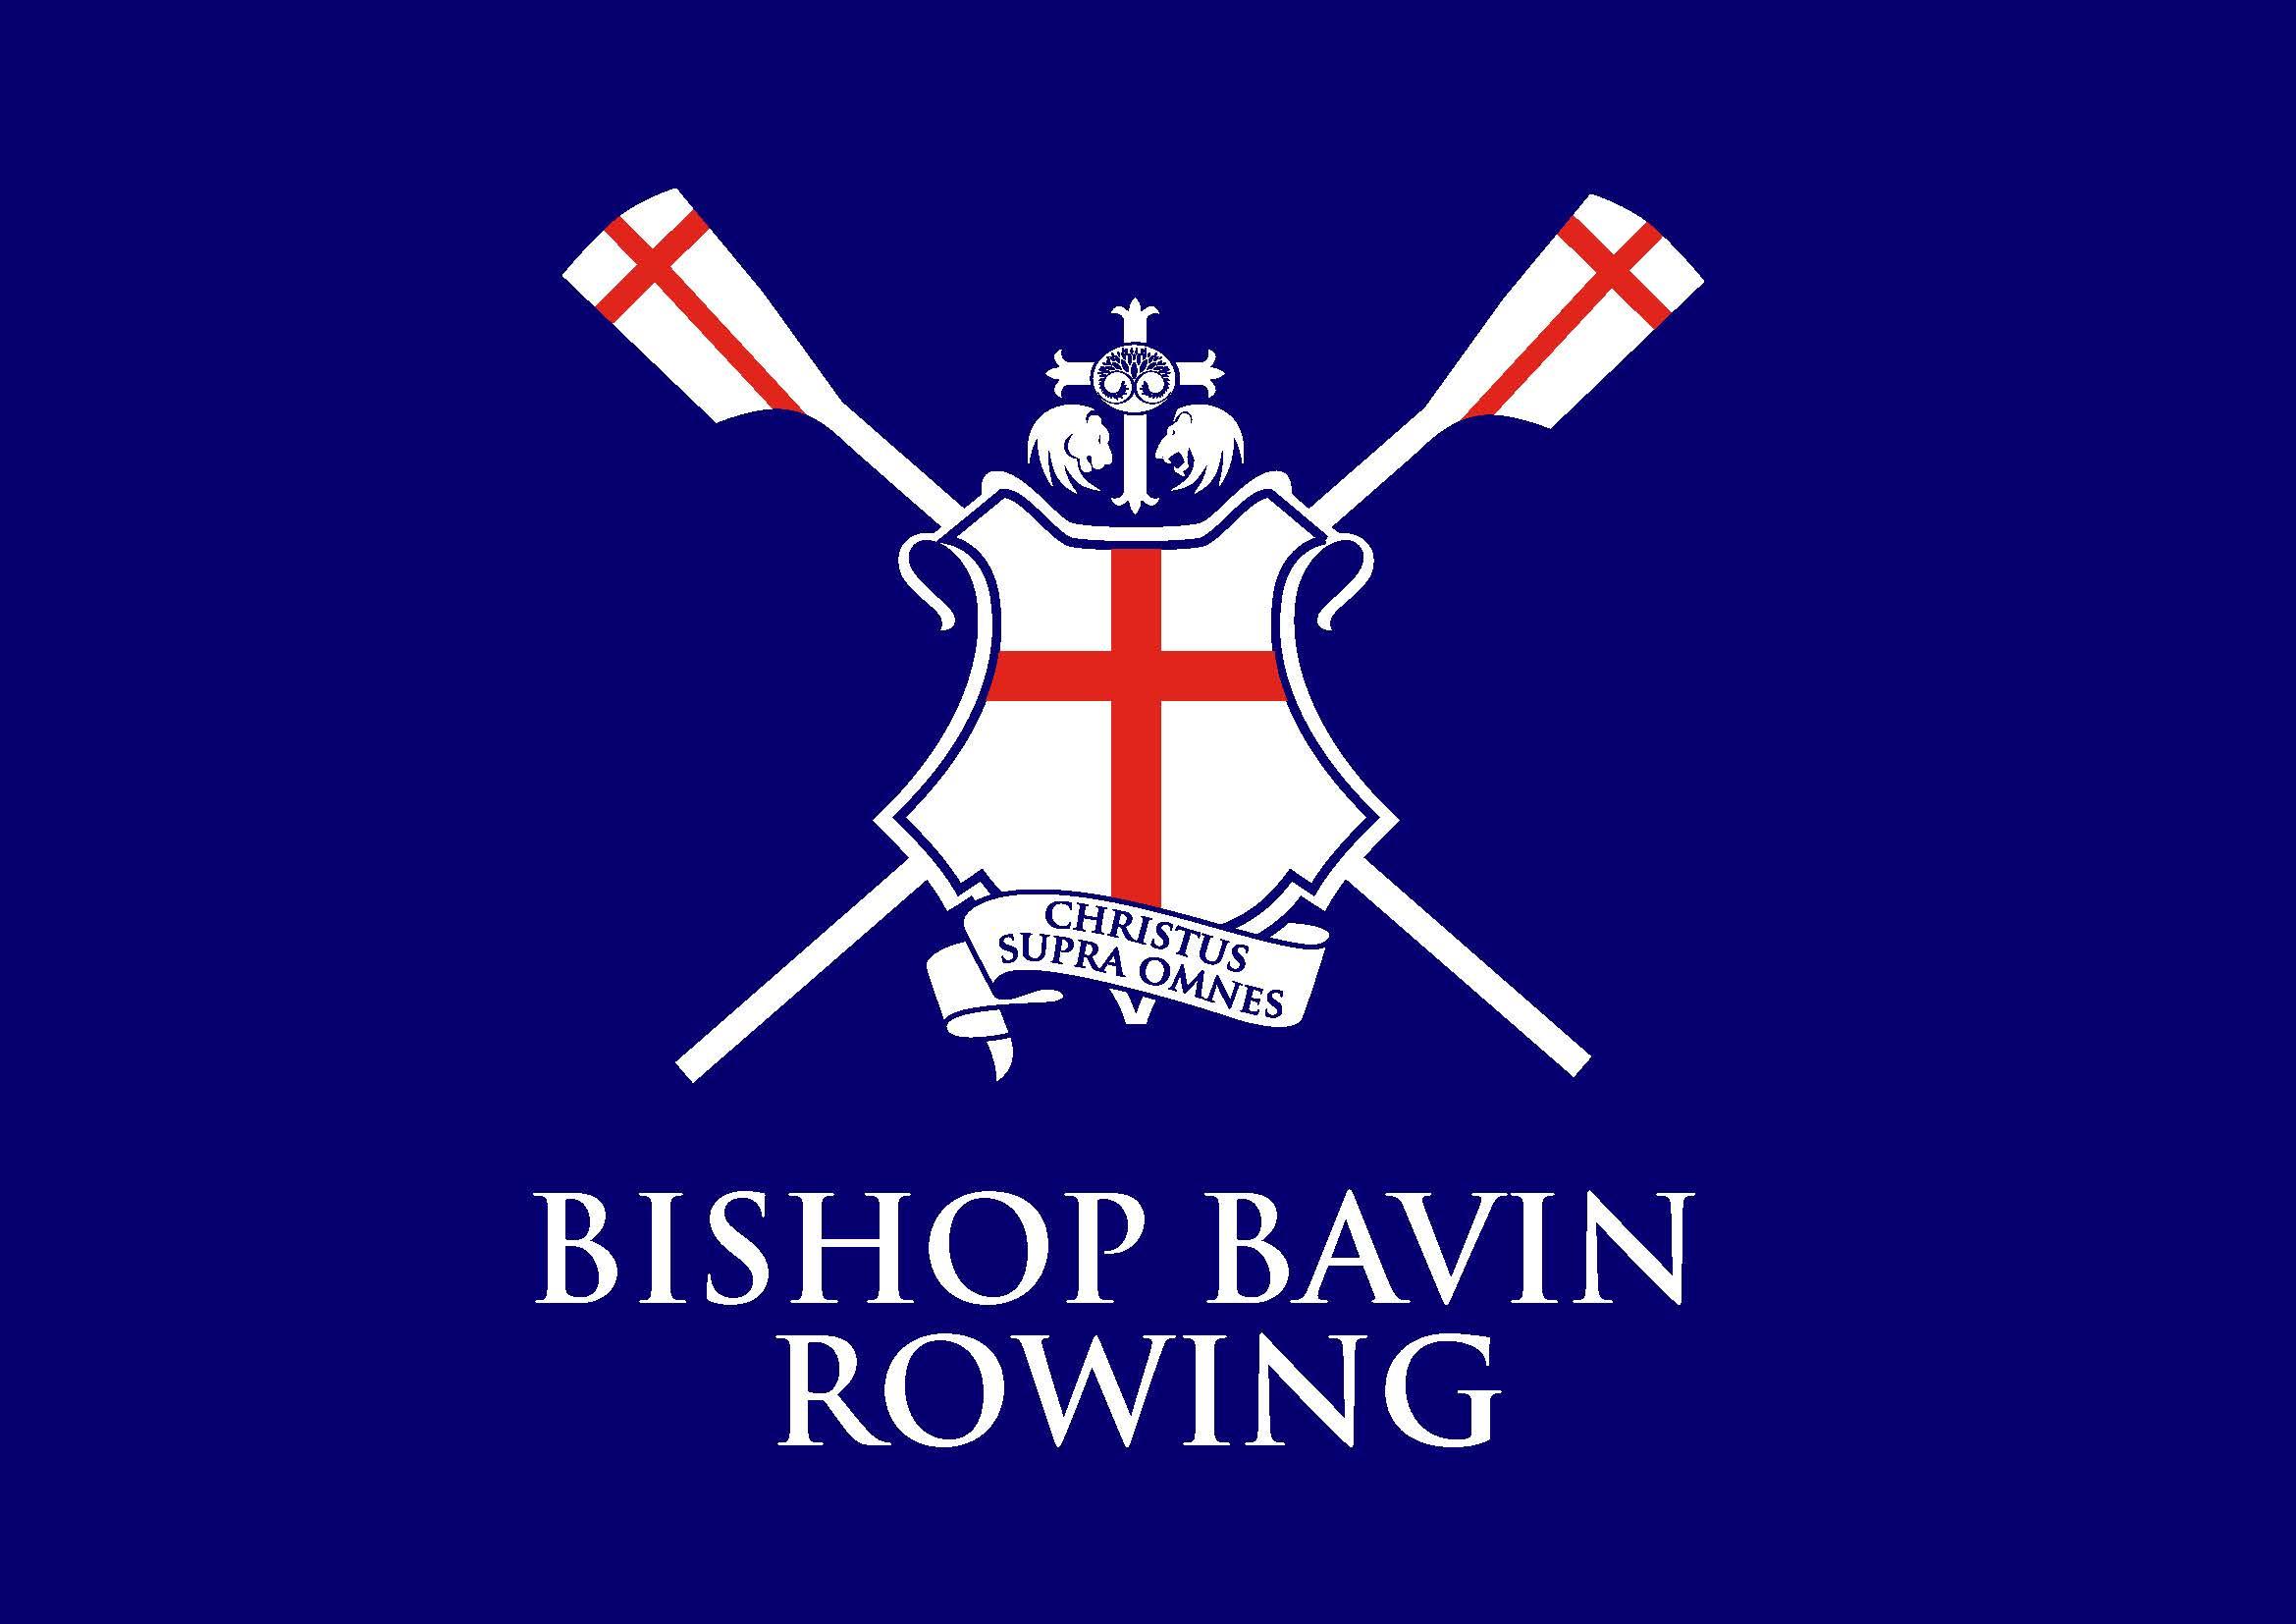 Bishop Bavin.